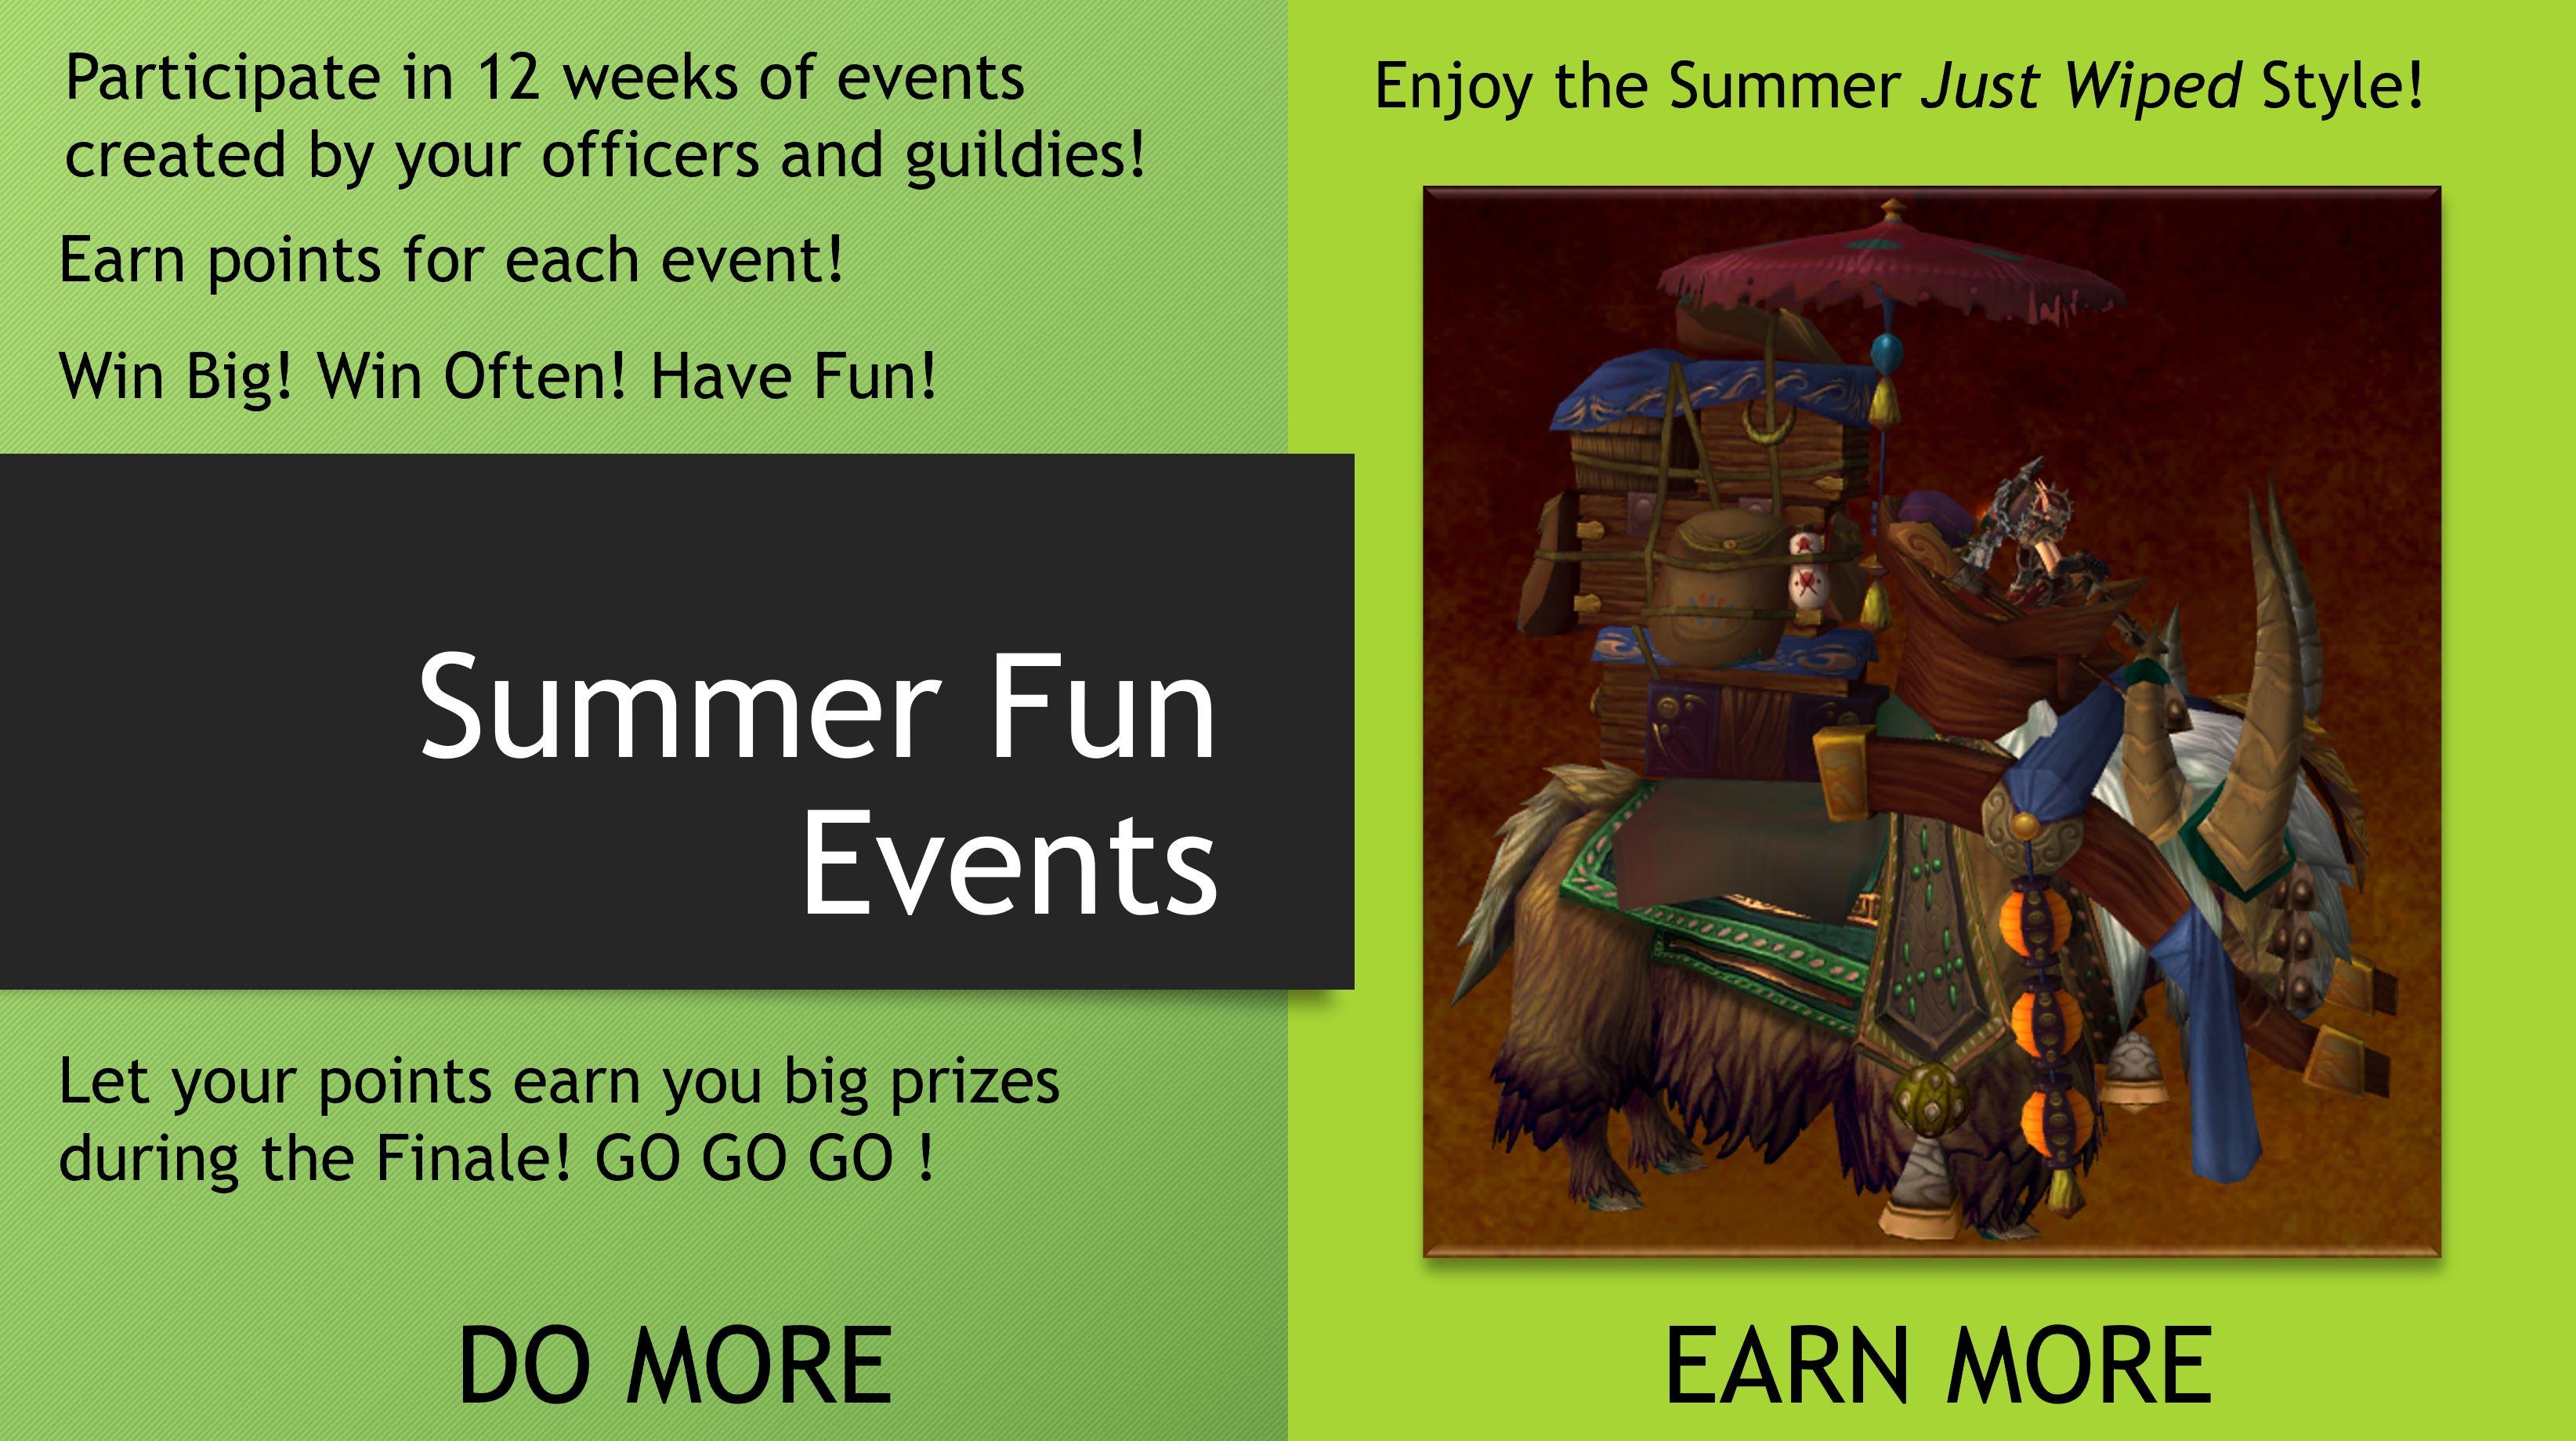 Summer Fun Events Advert